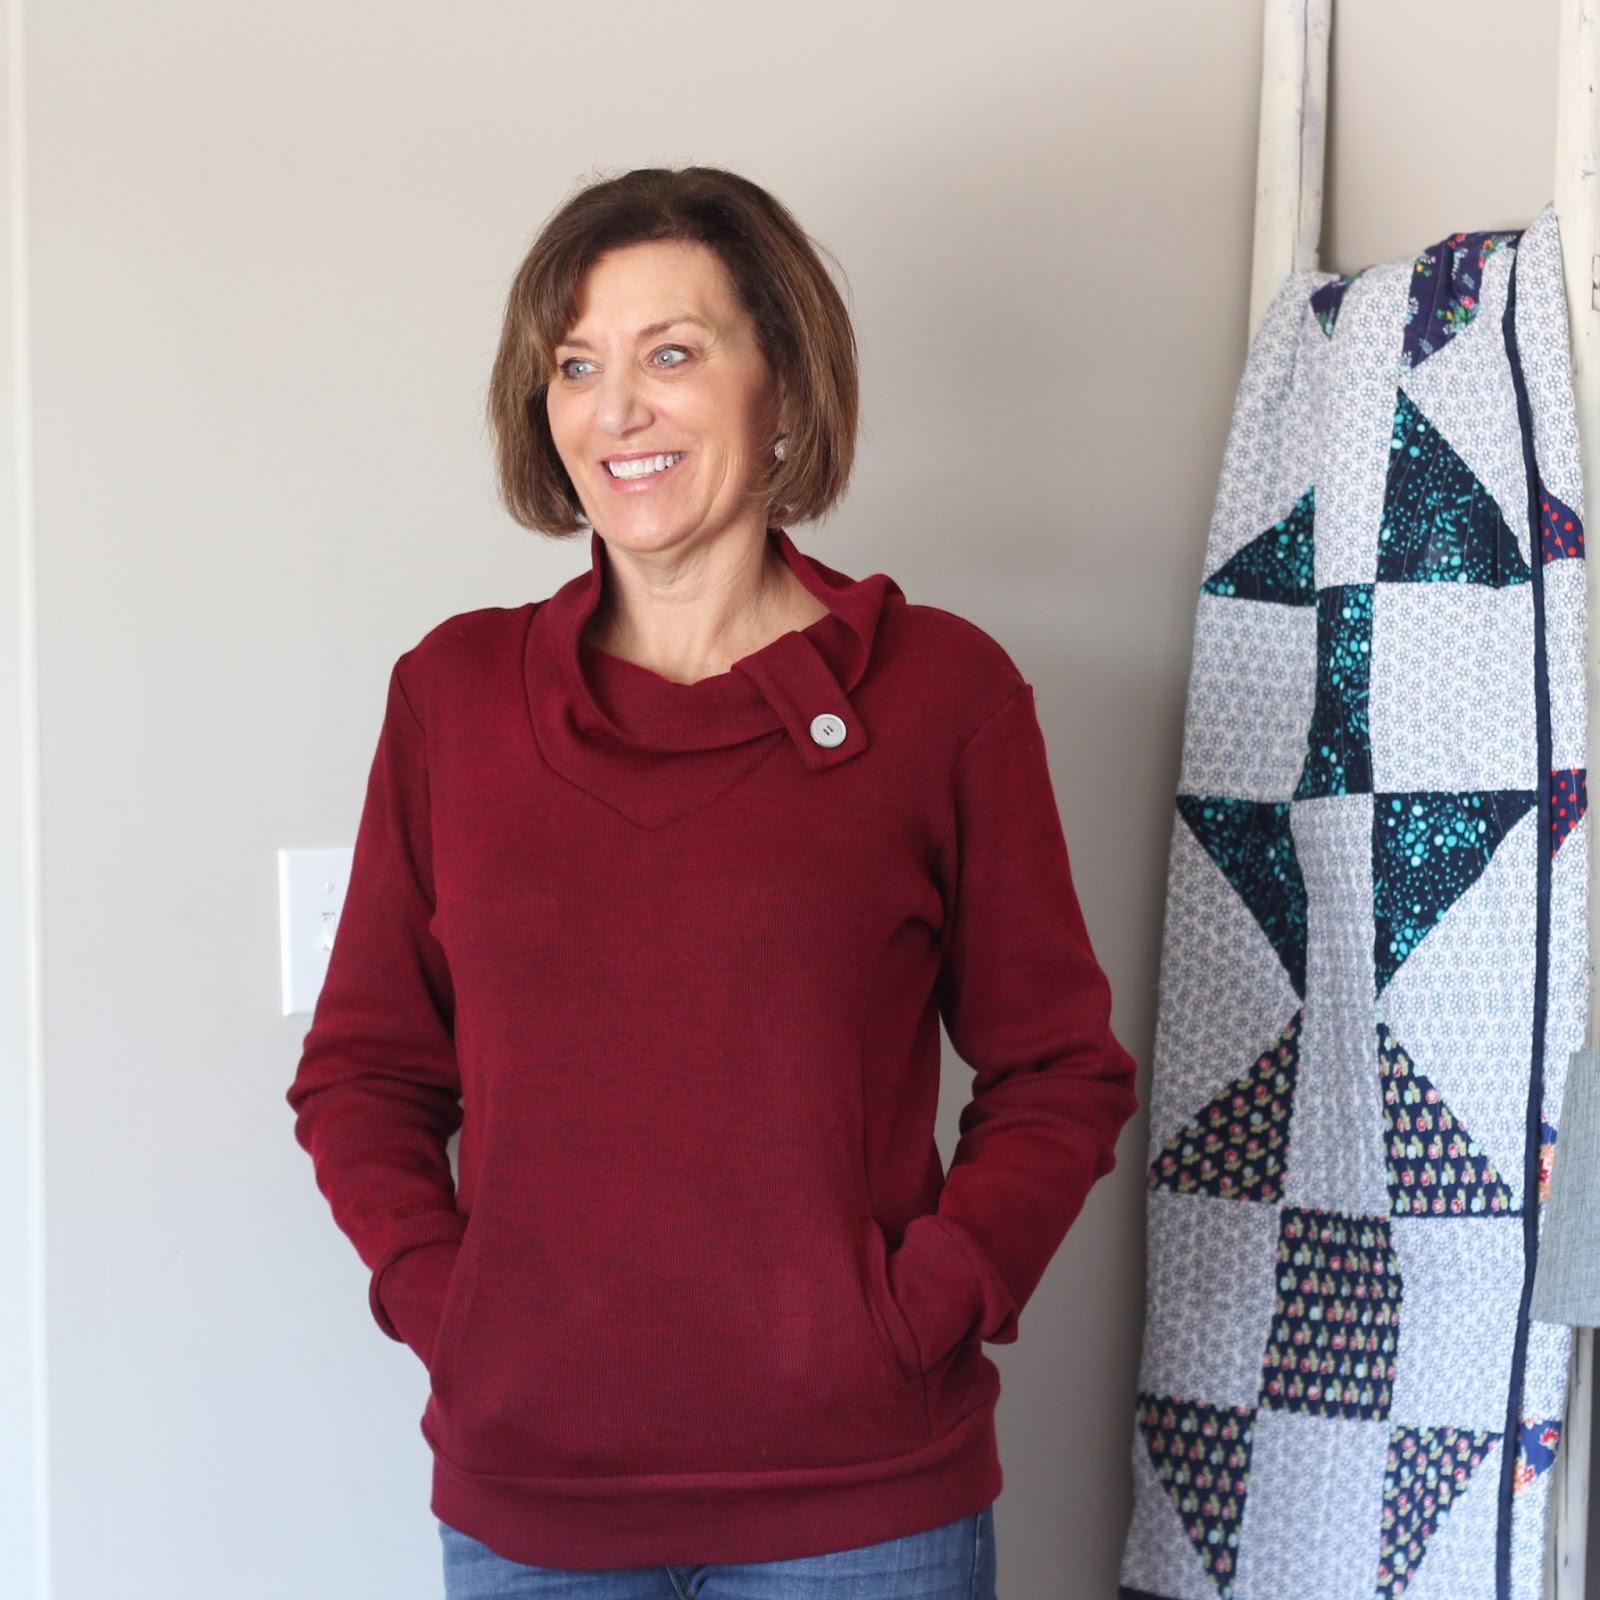 Girls In The Garden Jasper Sweater Sewing Studio Sweater Knit